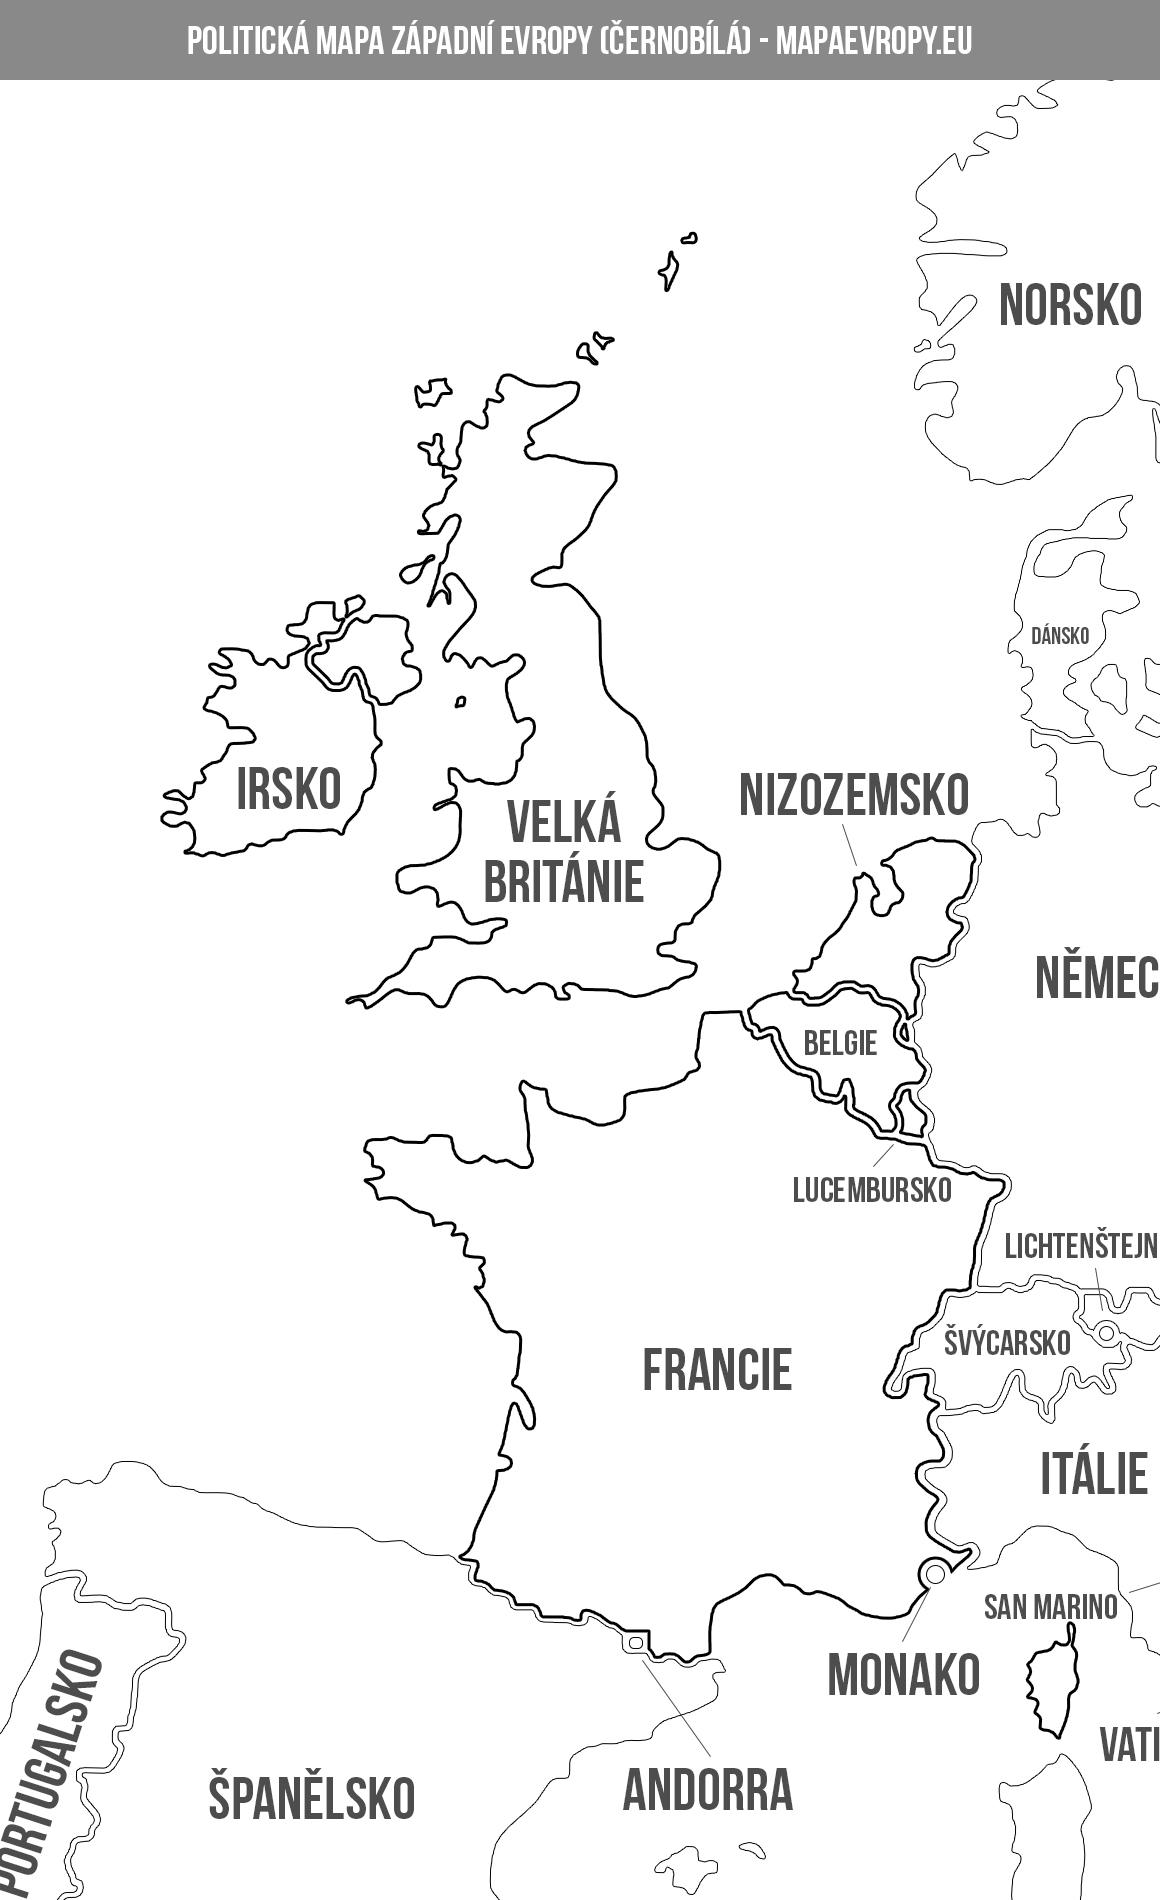 Politická mapa západní Evropy